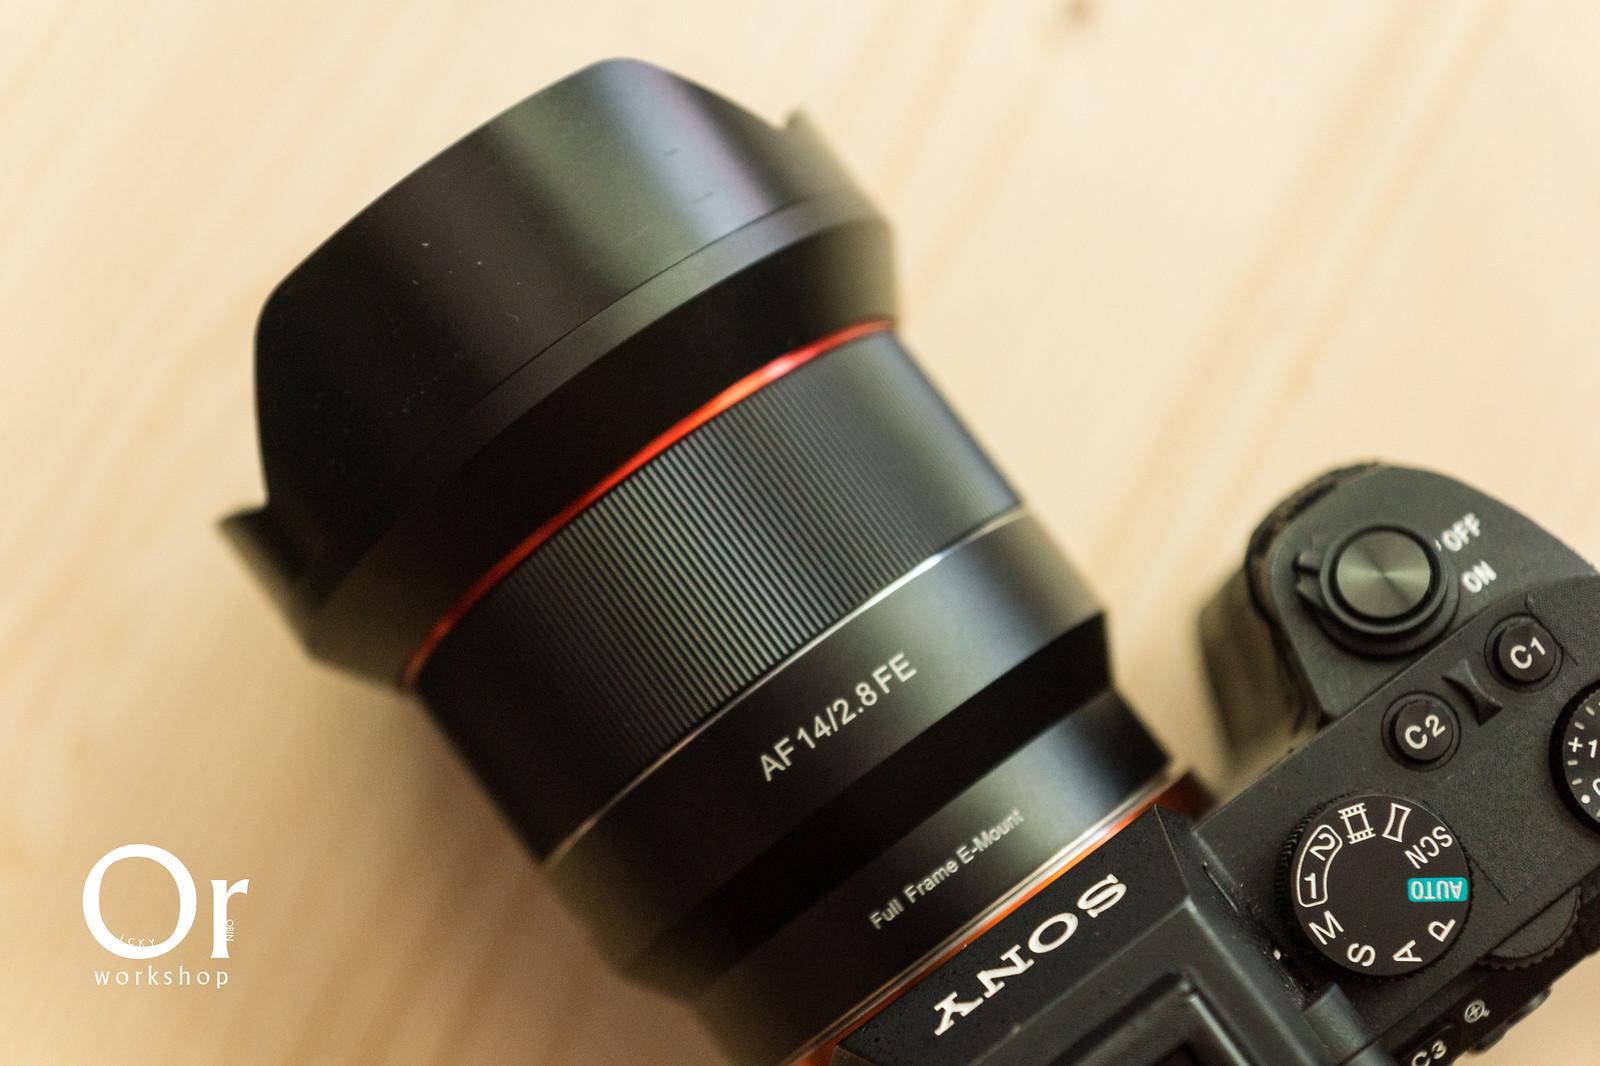 攝影鏡頭評測|三洋光學 SAMYANG AF 14mm F2.8 FE 解析,平價超廣角大光圈鏡頭,支援 Sony E接環自動對焦